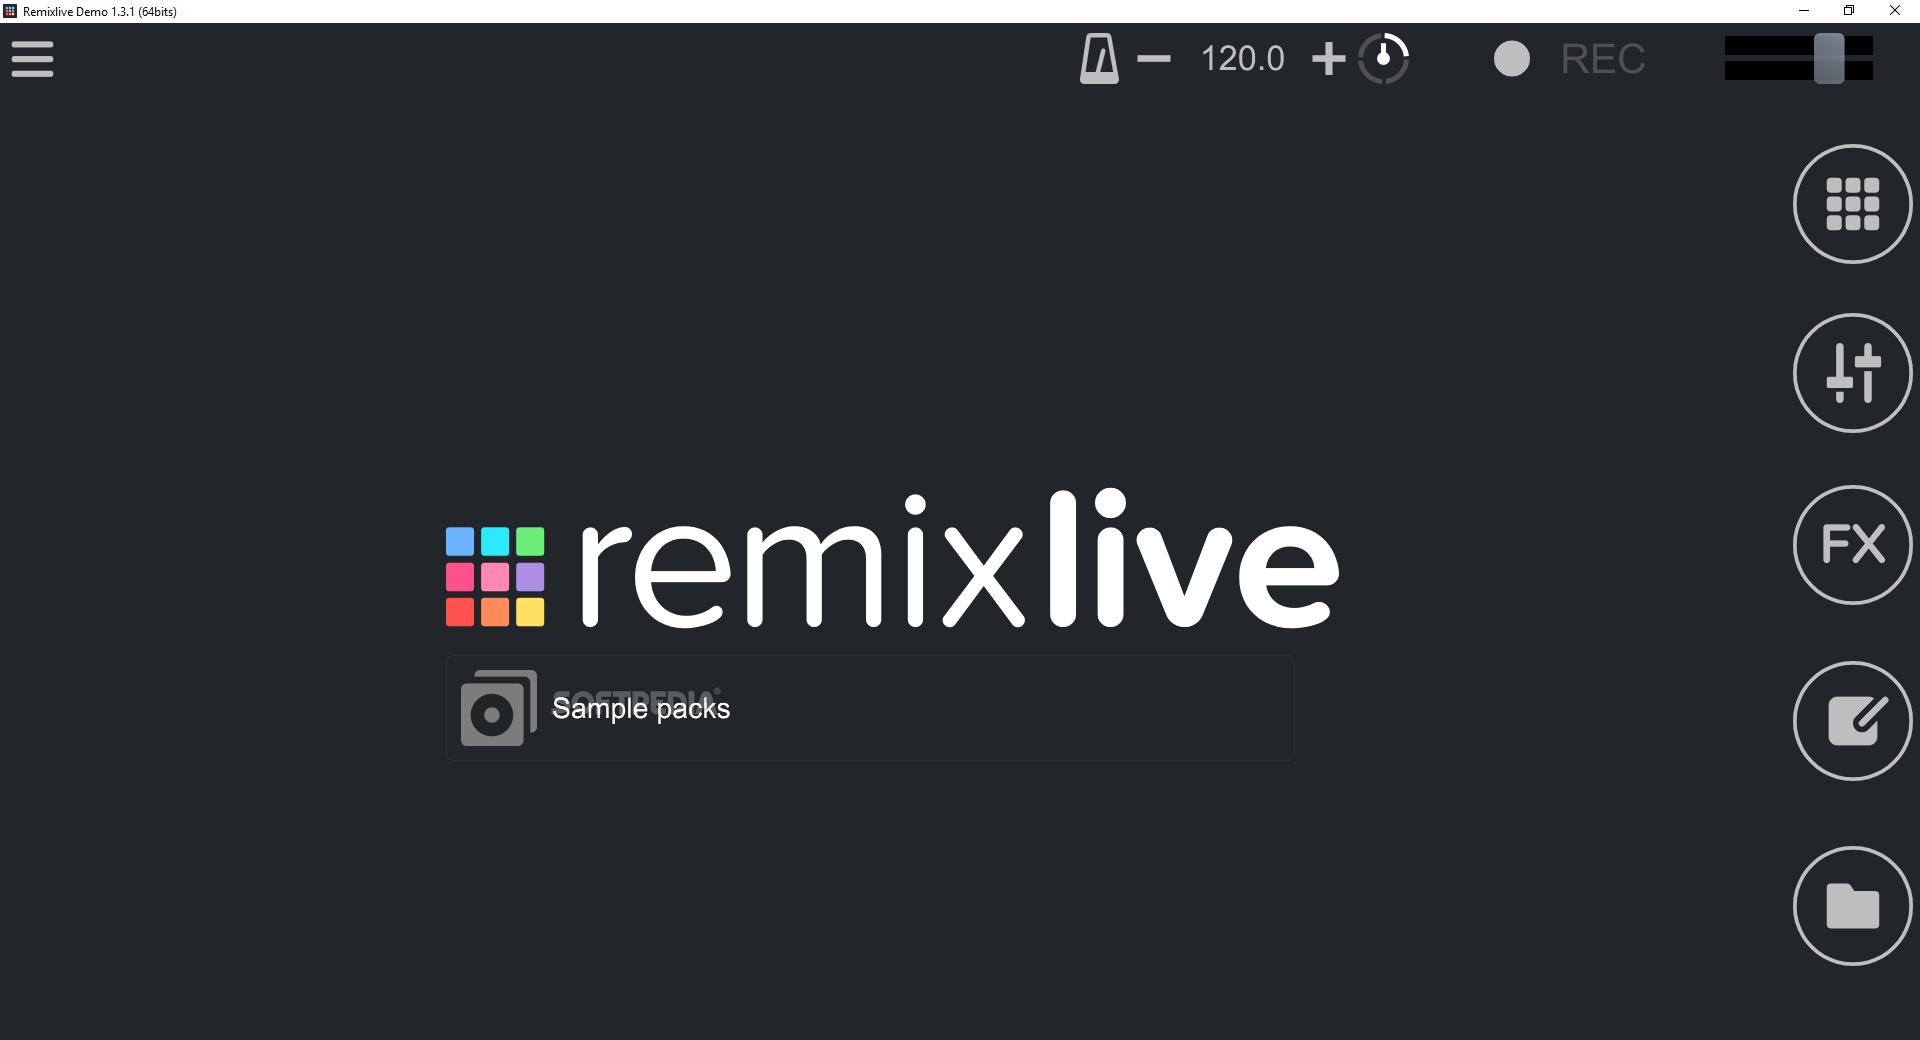 Download Remixlive 2 0 3